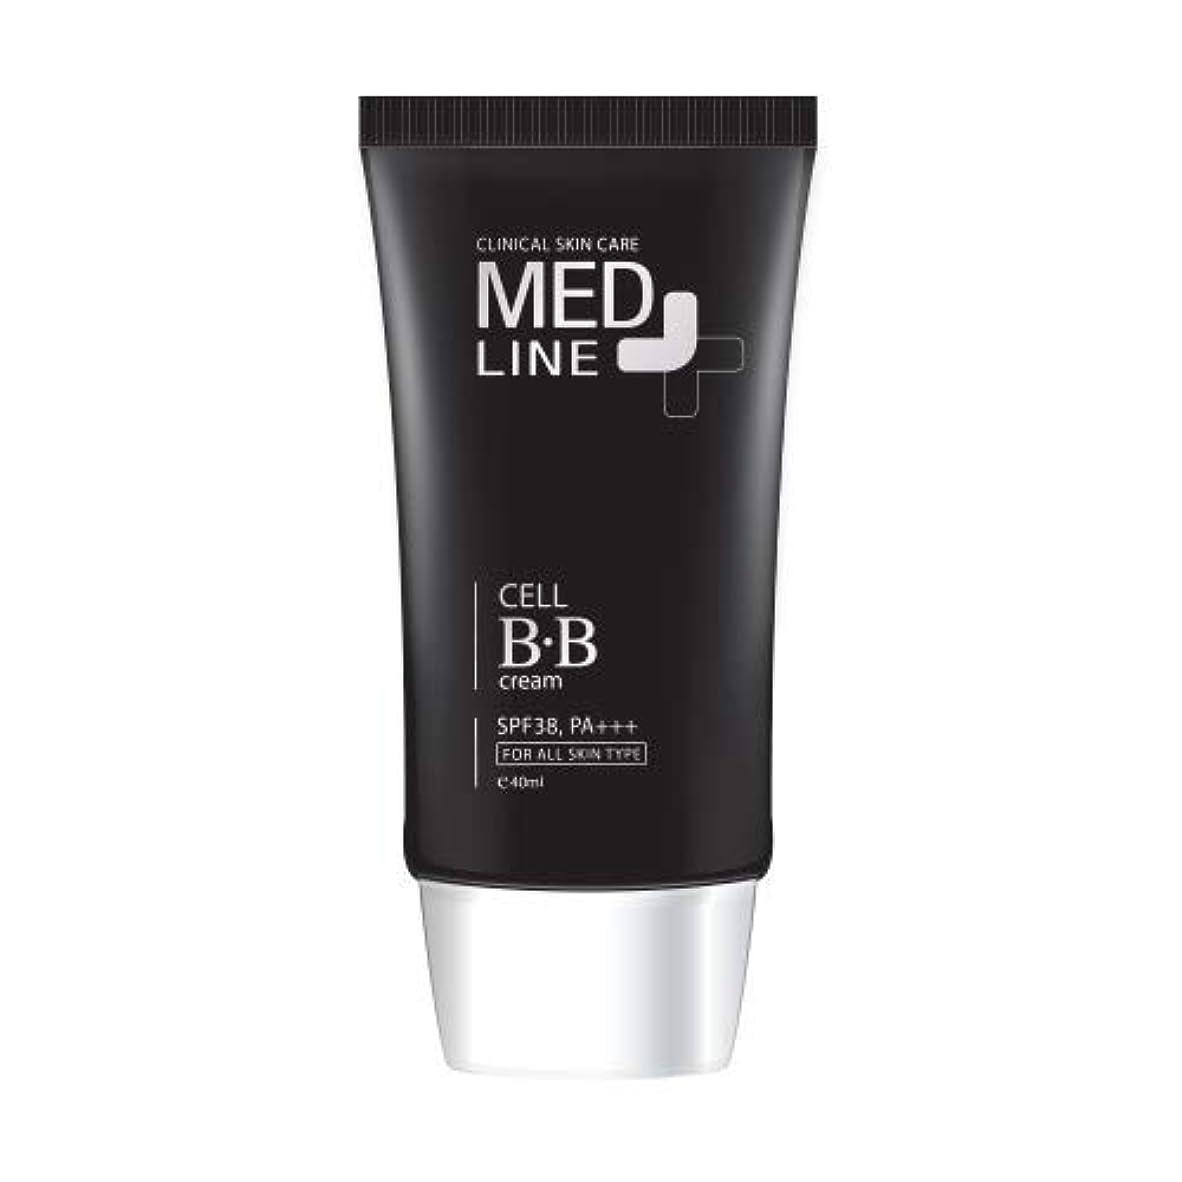 壊滅的なクラックポットペフメドライン(Med Line) セルBBクリーム(Cell B.B Cream)